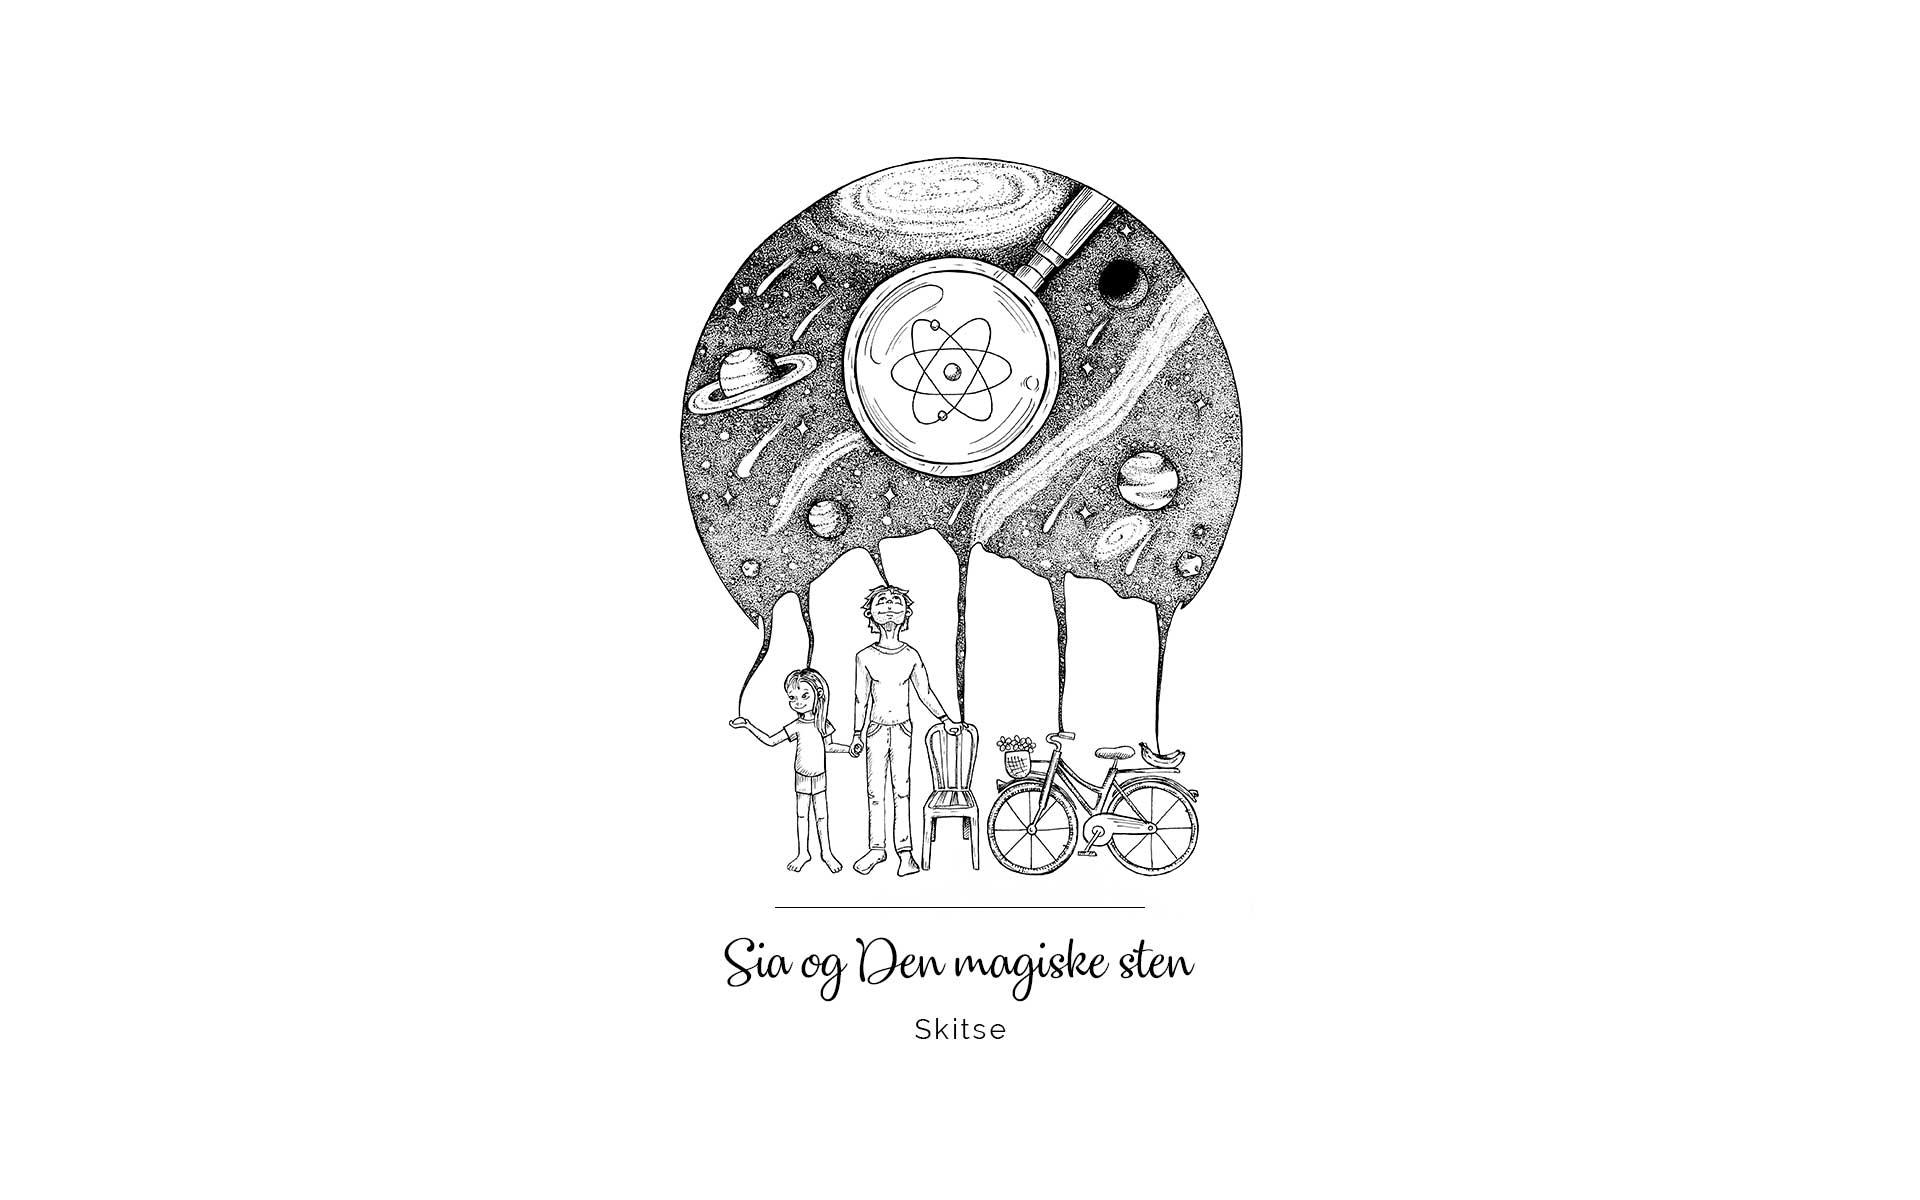 02_sia_og_den_magiske_sten_a